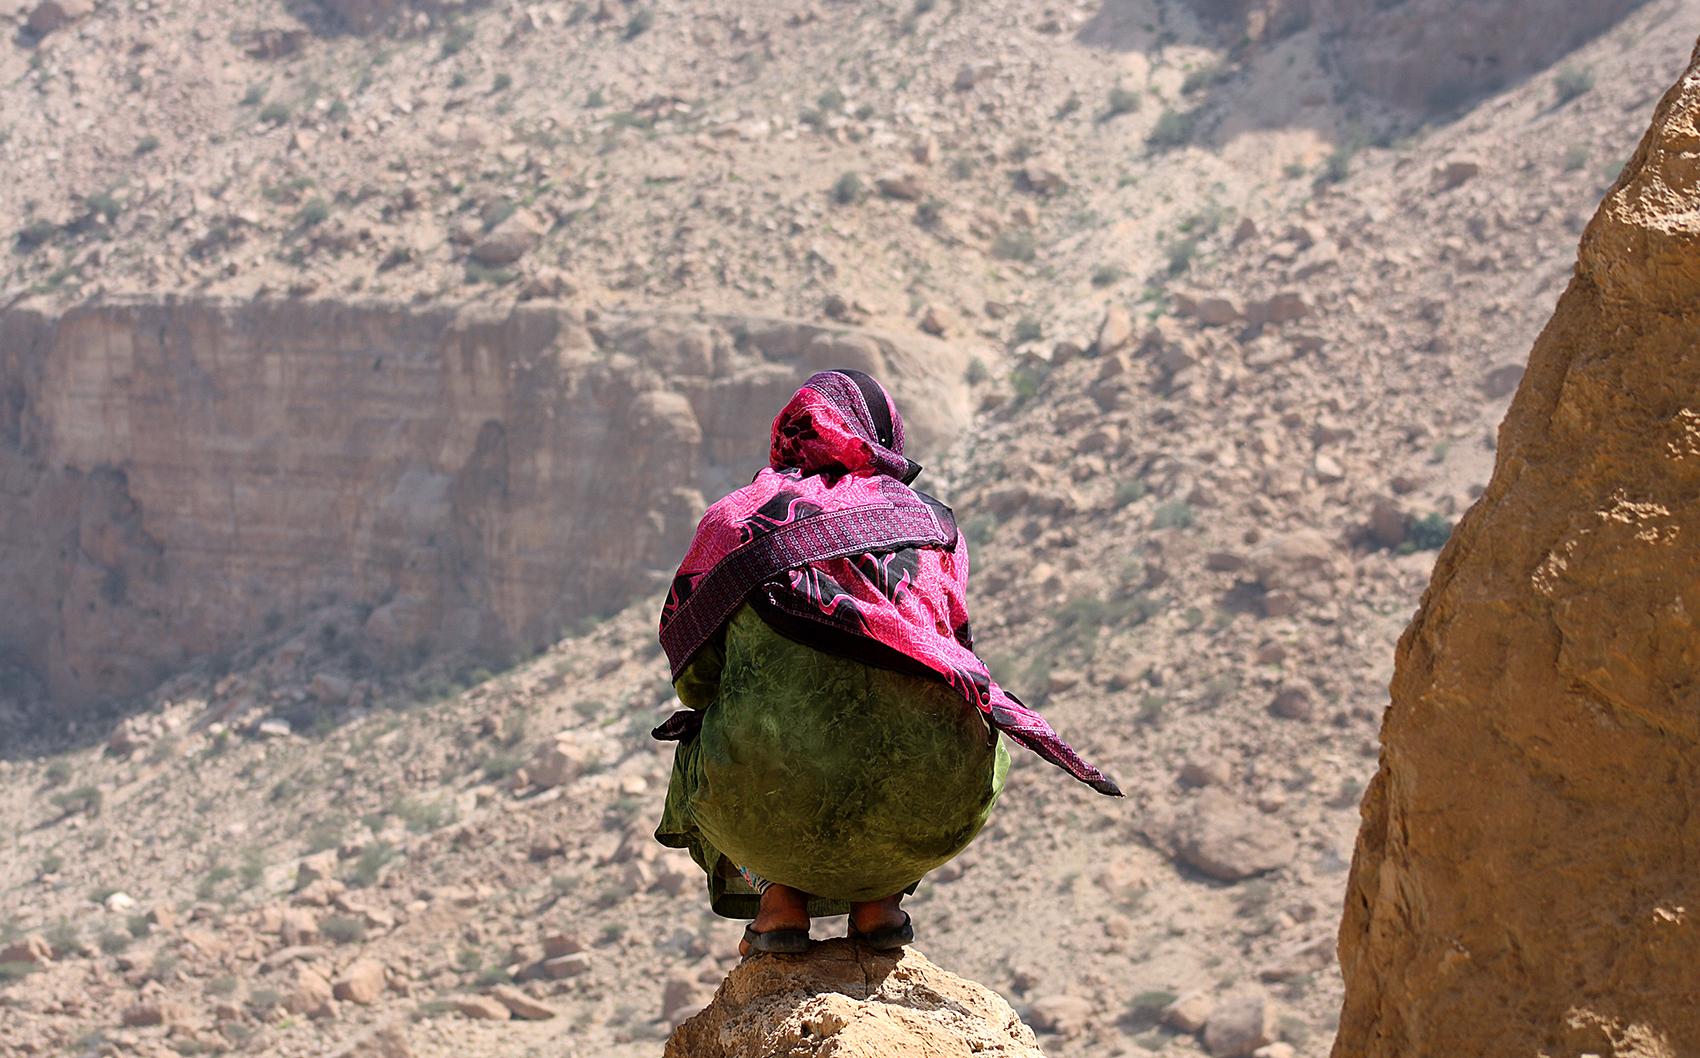 misure giuste Oman Sonia Costa